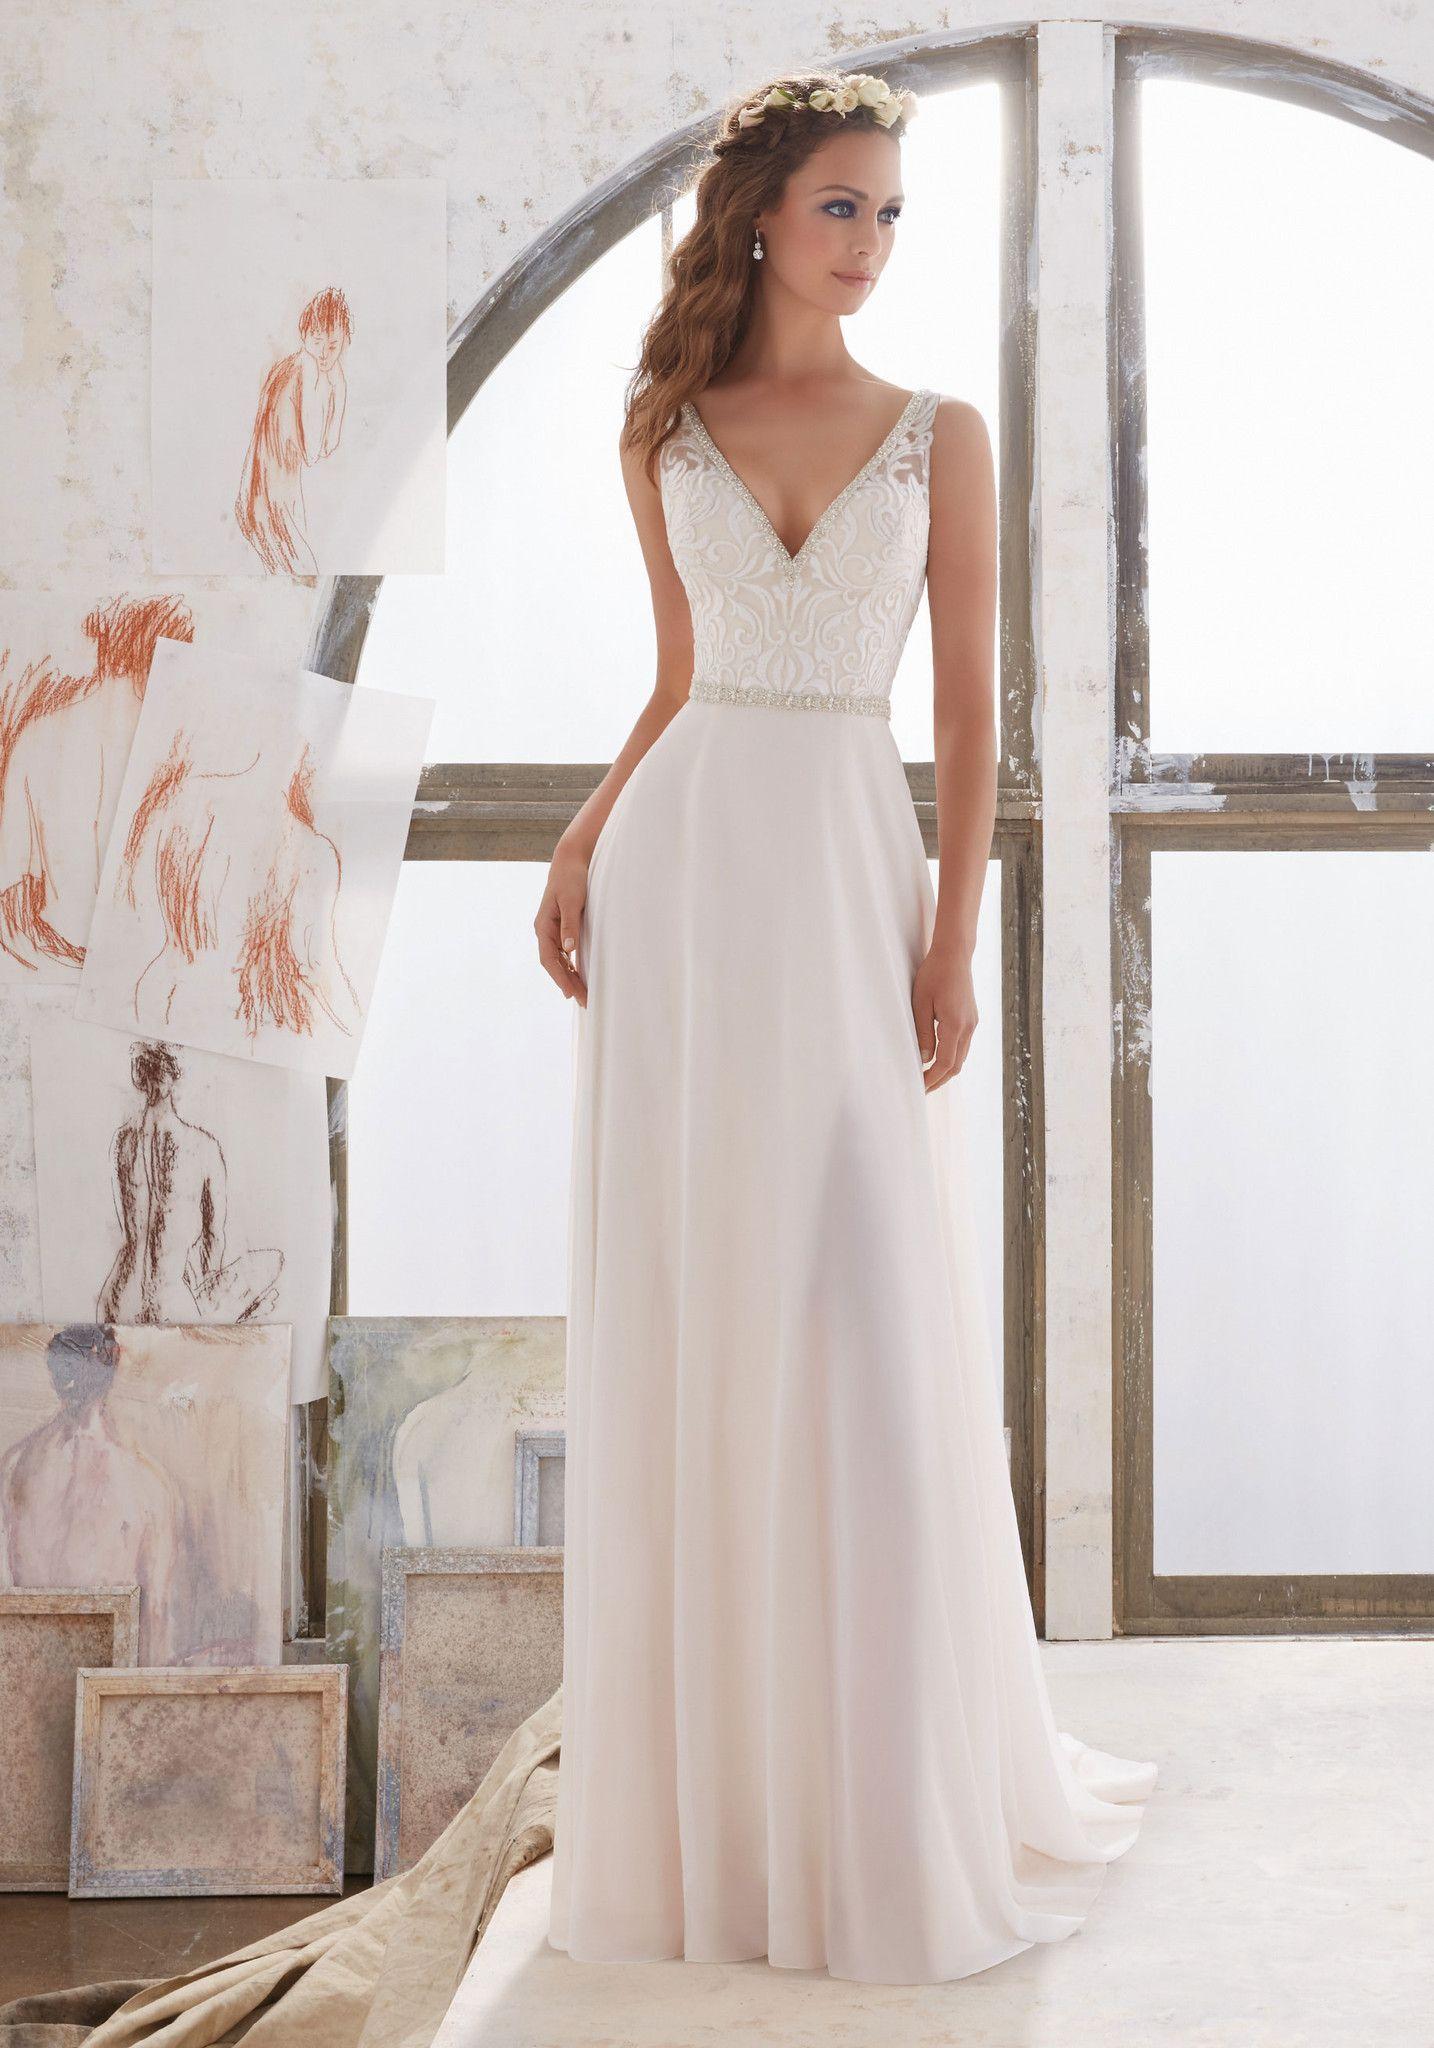 Simple elegant wedding dress designers  Blu  Marjorie    All Dressed Up Bridal Gown   weddings